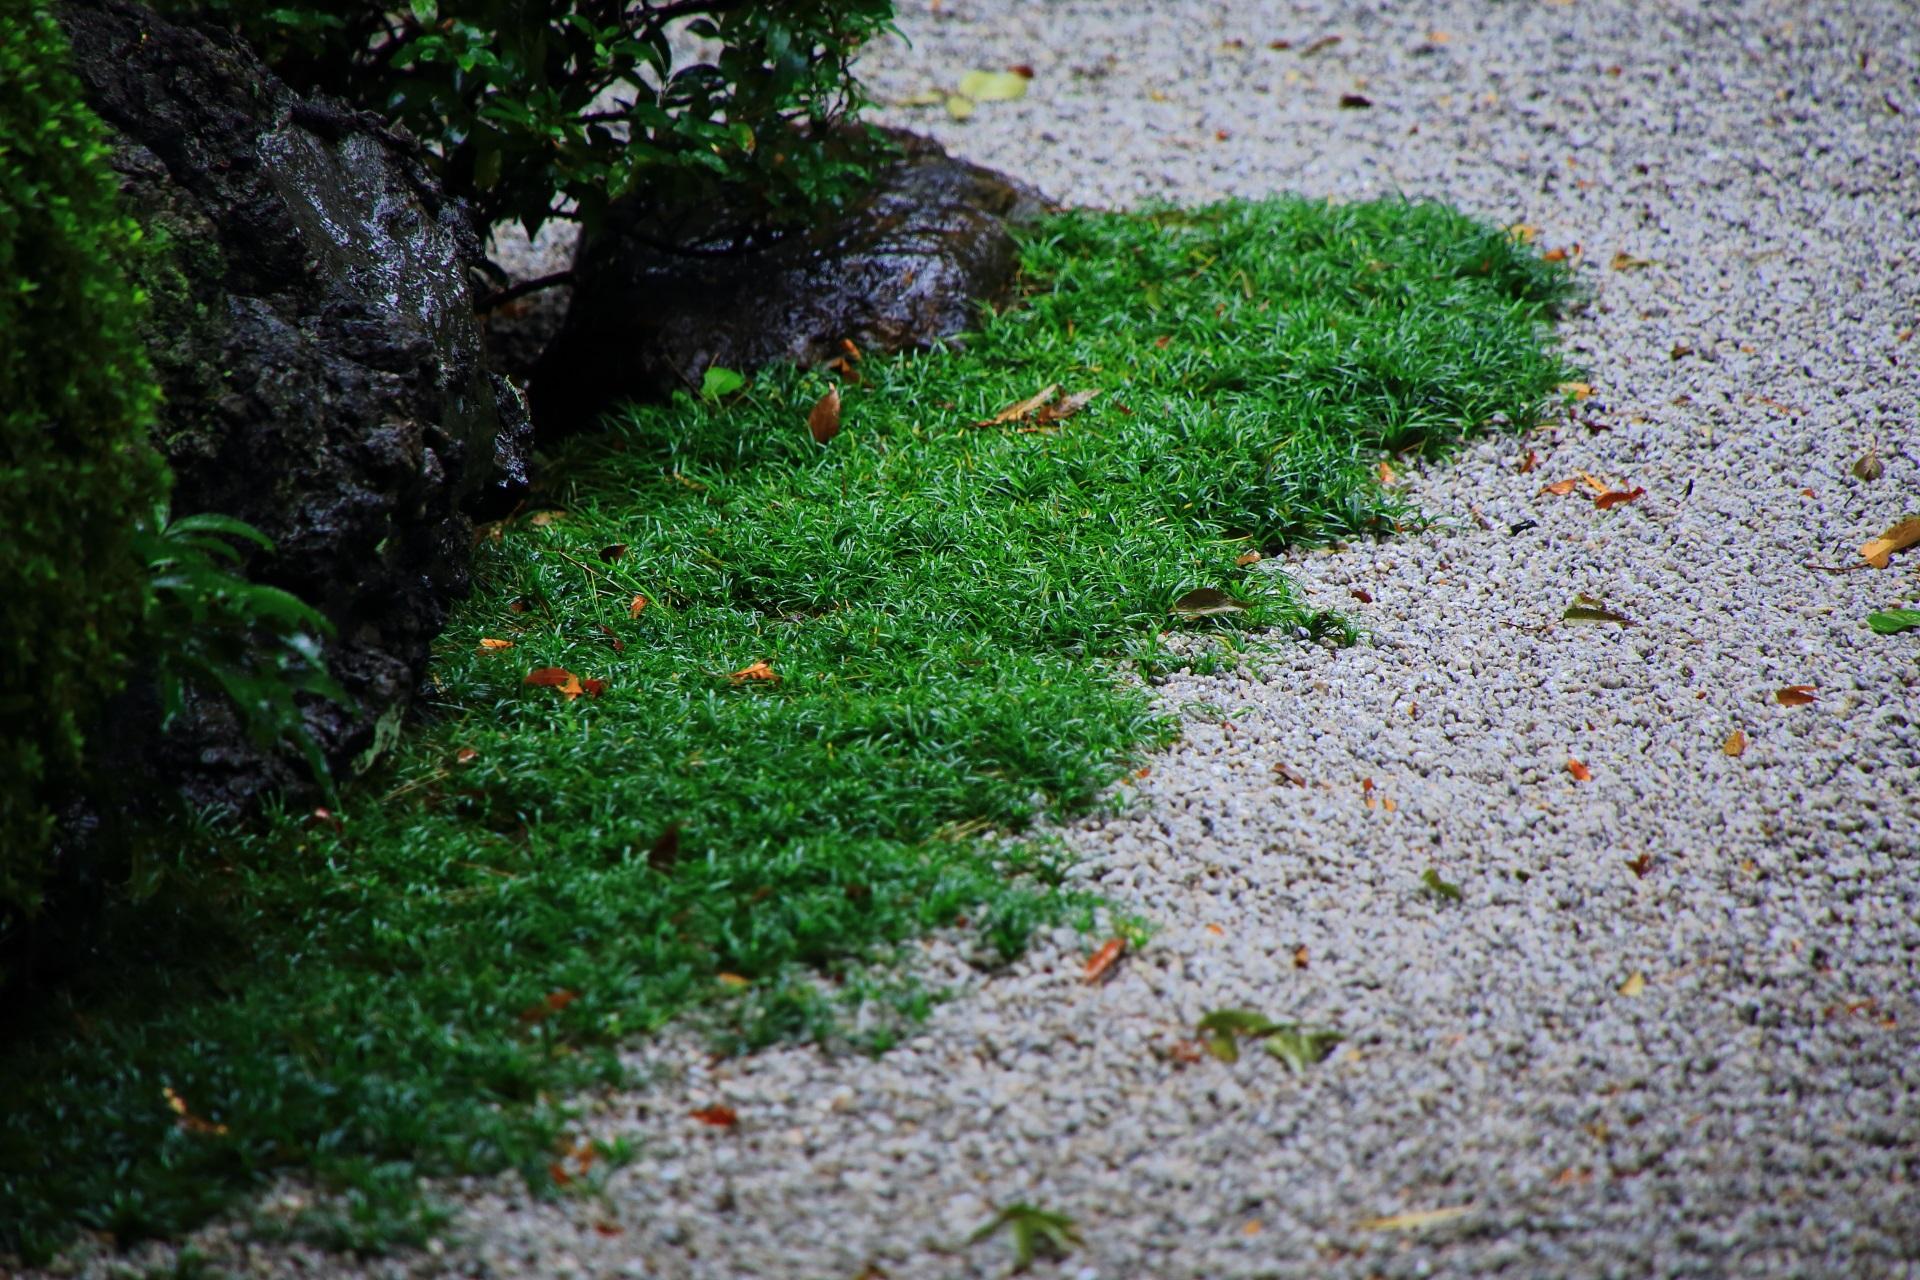 緑と白砂のコントラスト